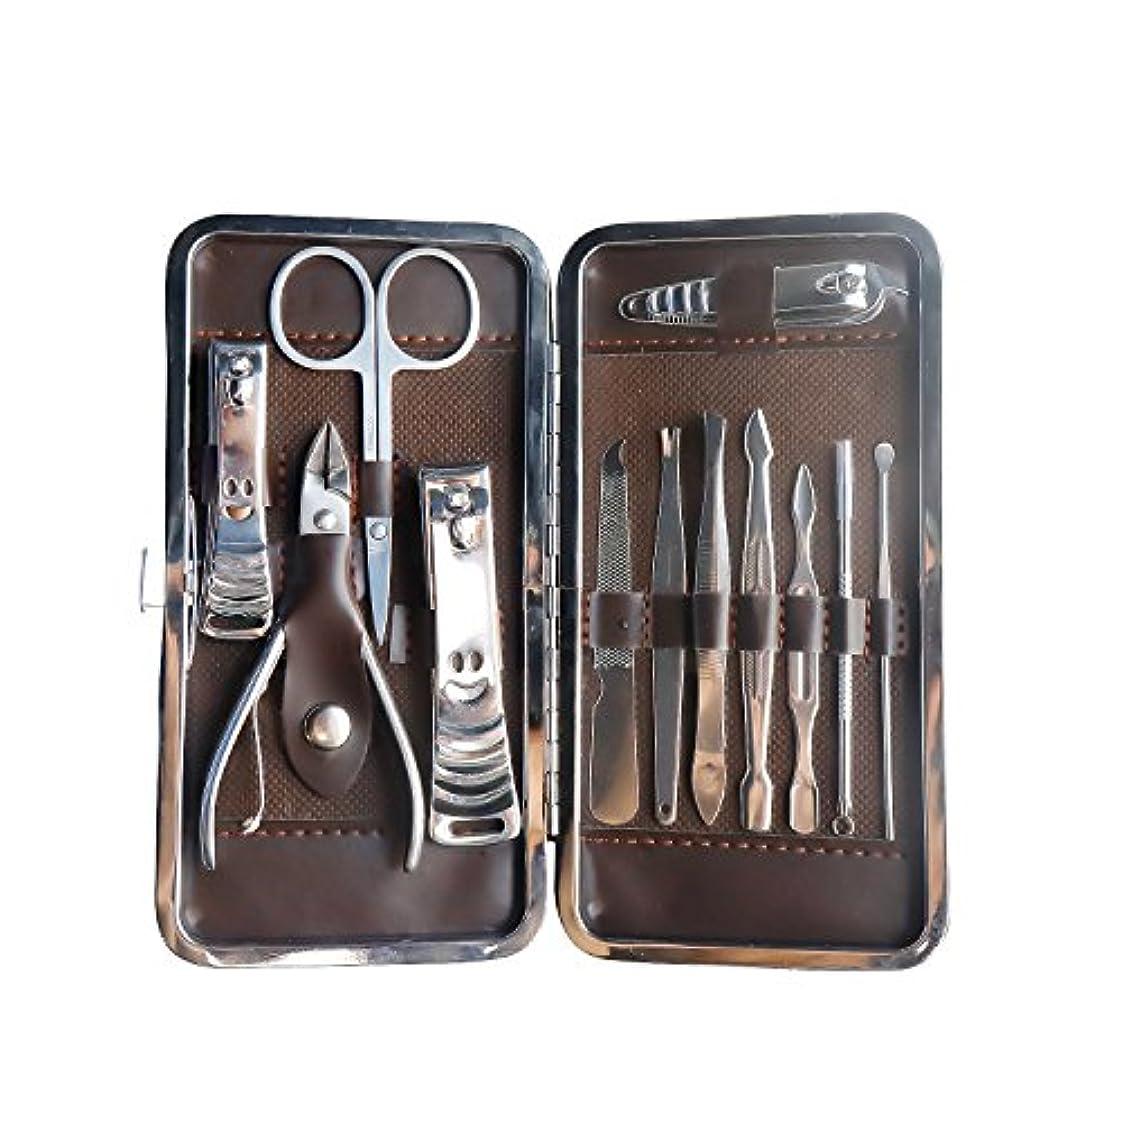 ファシズムストローフローLS-EPOCH爪切りセット 、高級感 ネイルケア12点セット グルーミング エチケット ハサミ 爪 やすり、 眉用ハサミ、耳かきなどを含む グルーミング キット ステンレス製、男女兼用 、旅行用 贈り物 携帯 収納ケース付き